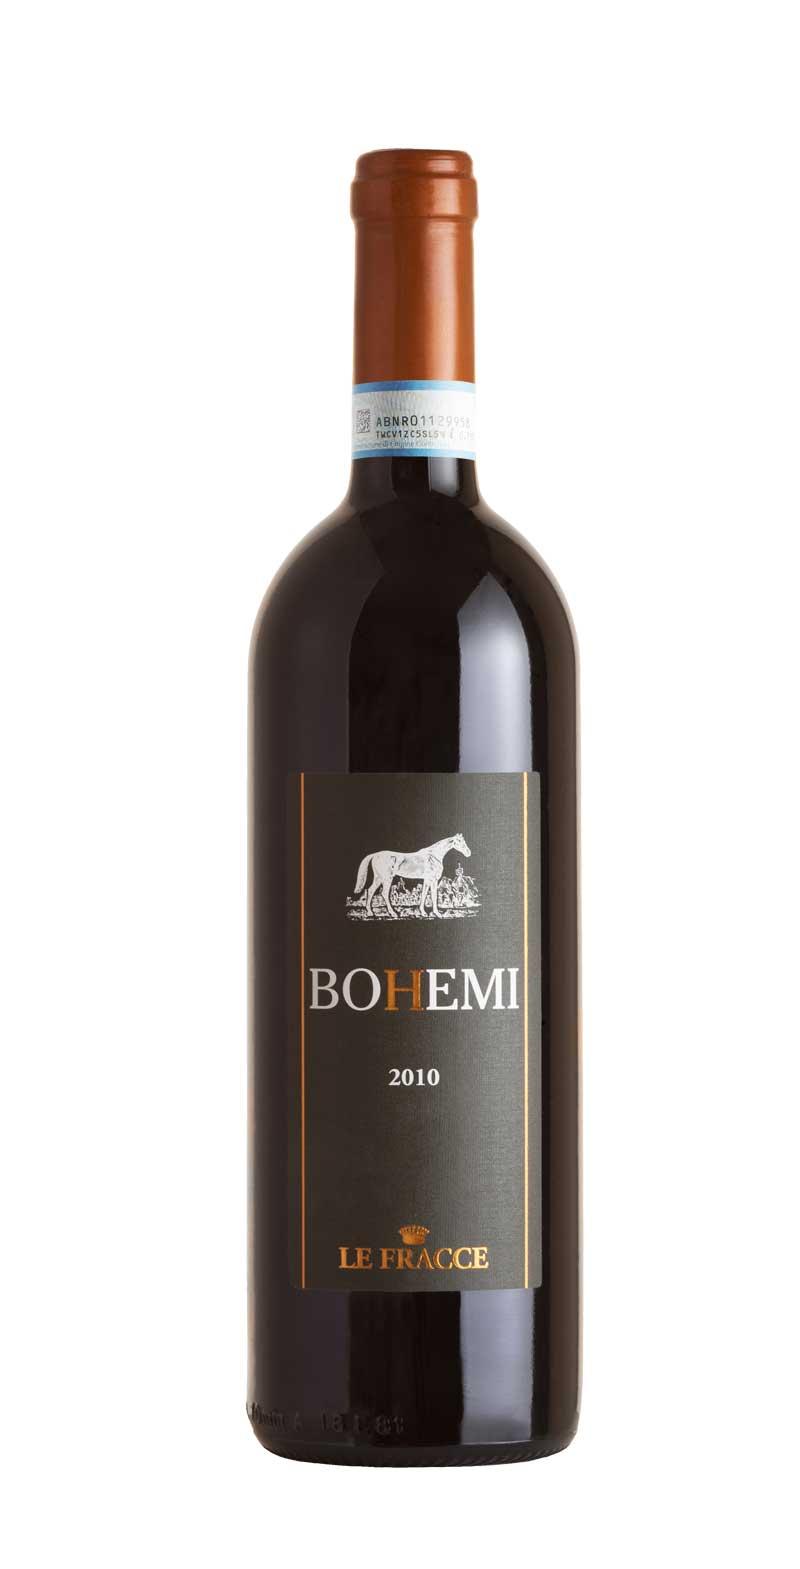 Bohemi - Casteggio Riserva